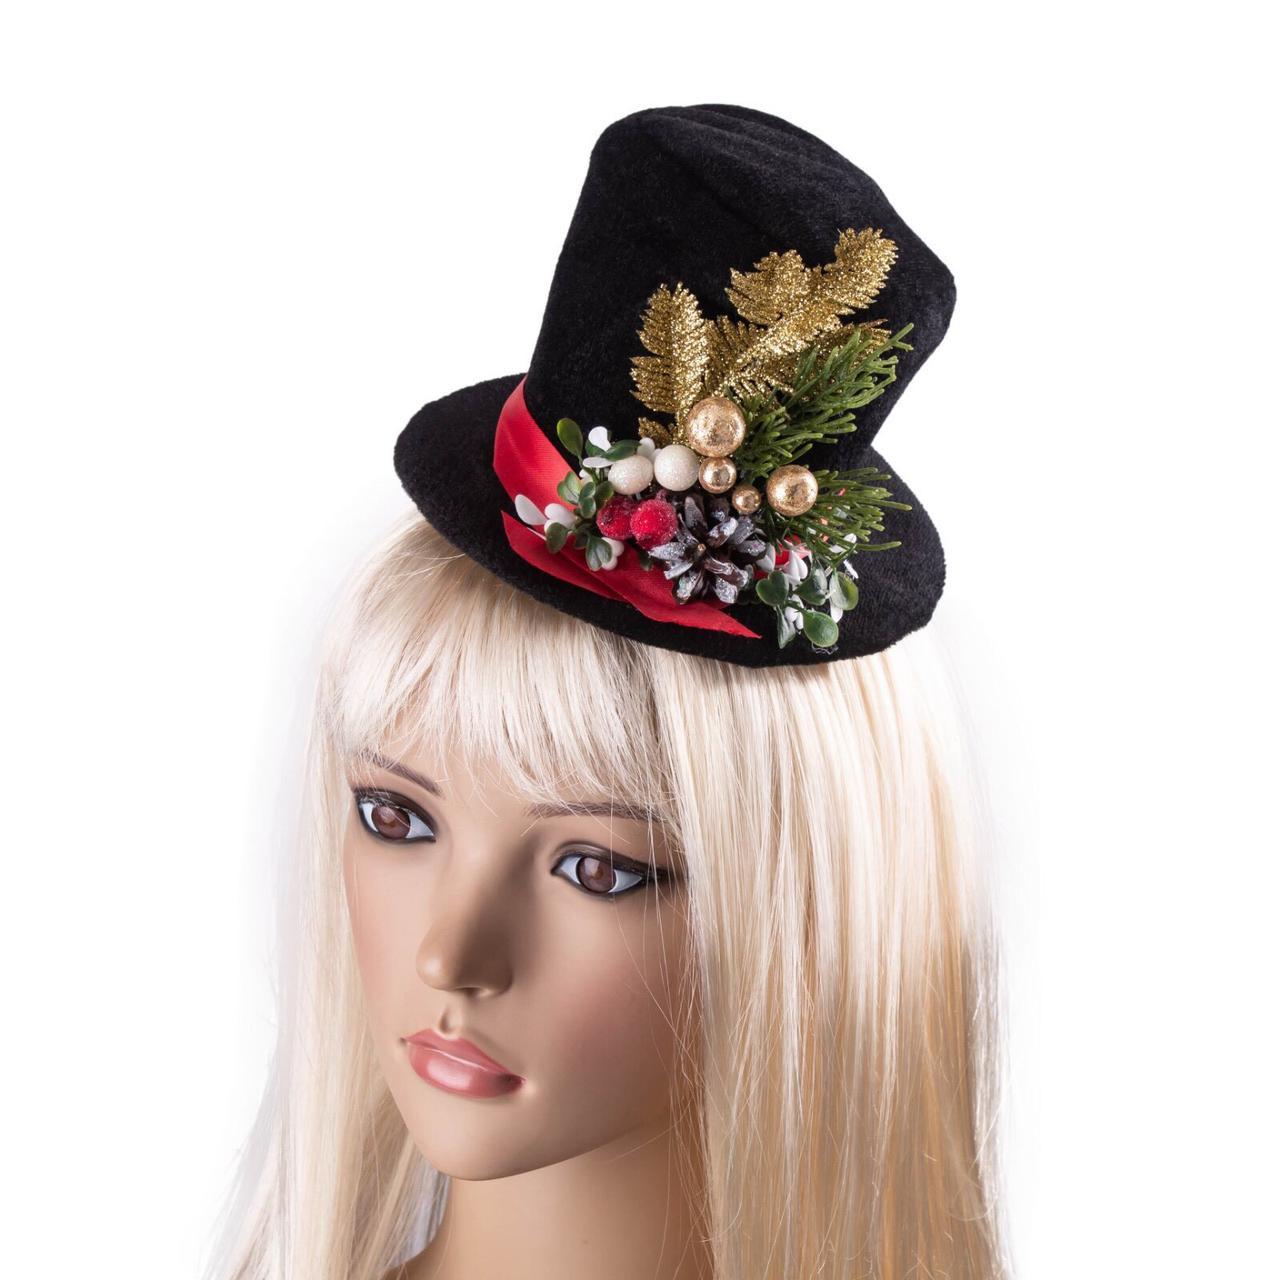 Новогодняя шляпка 2 цвета (высота 10см)